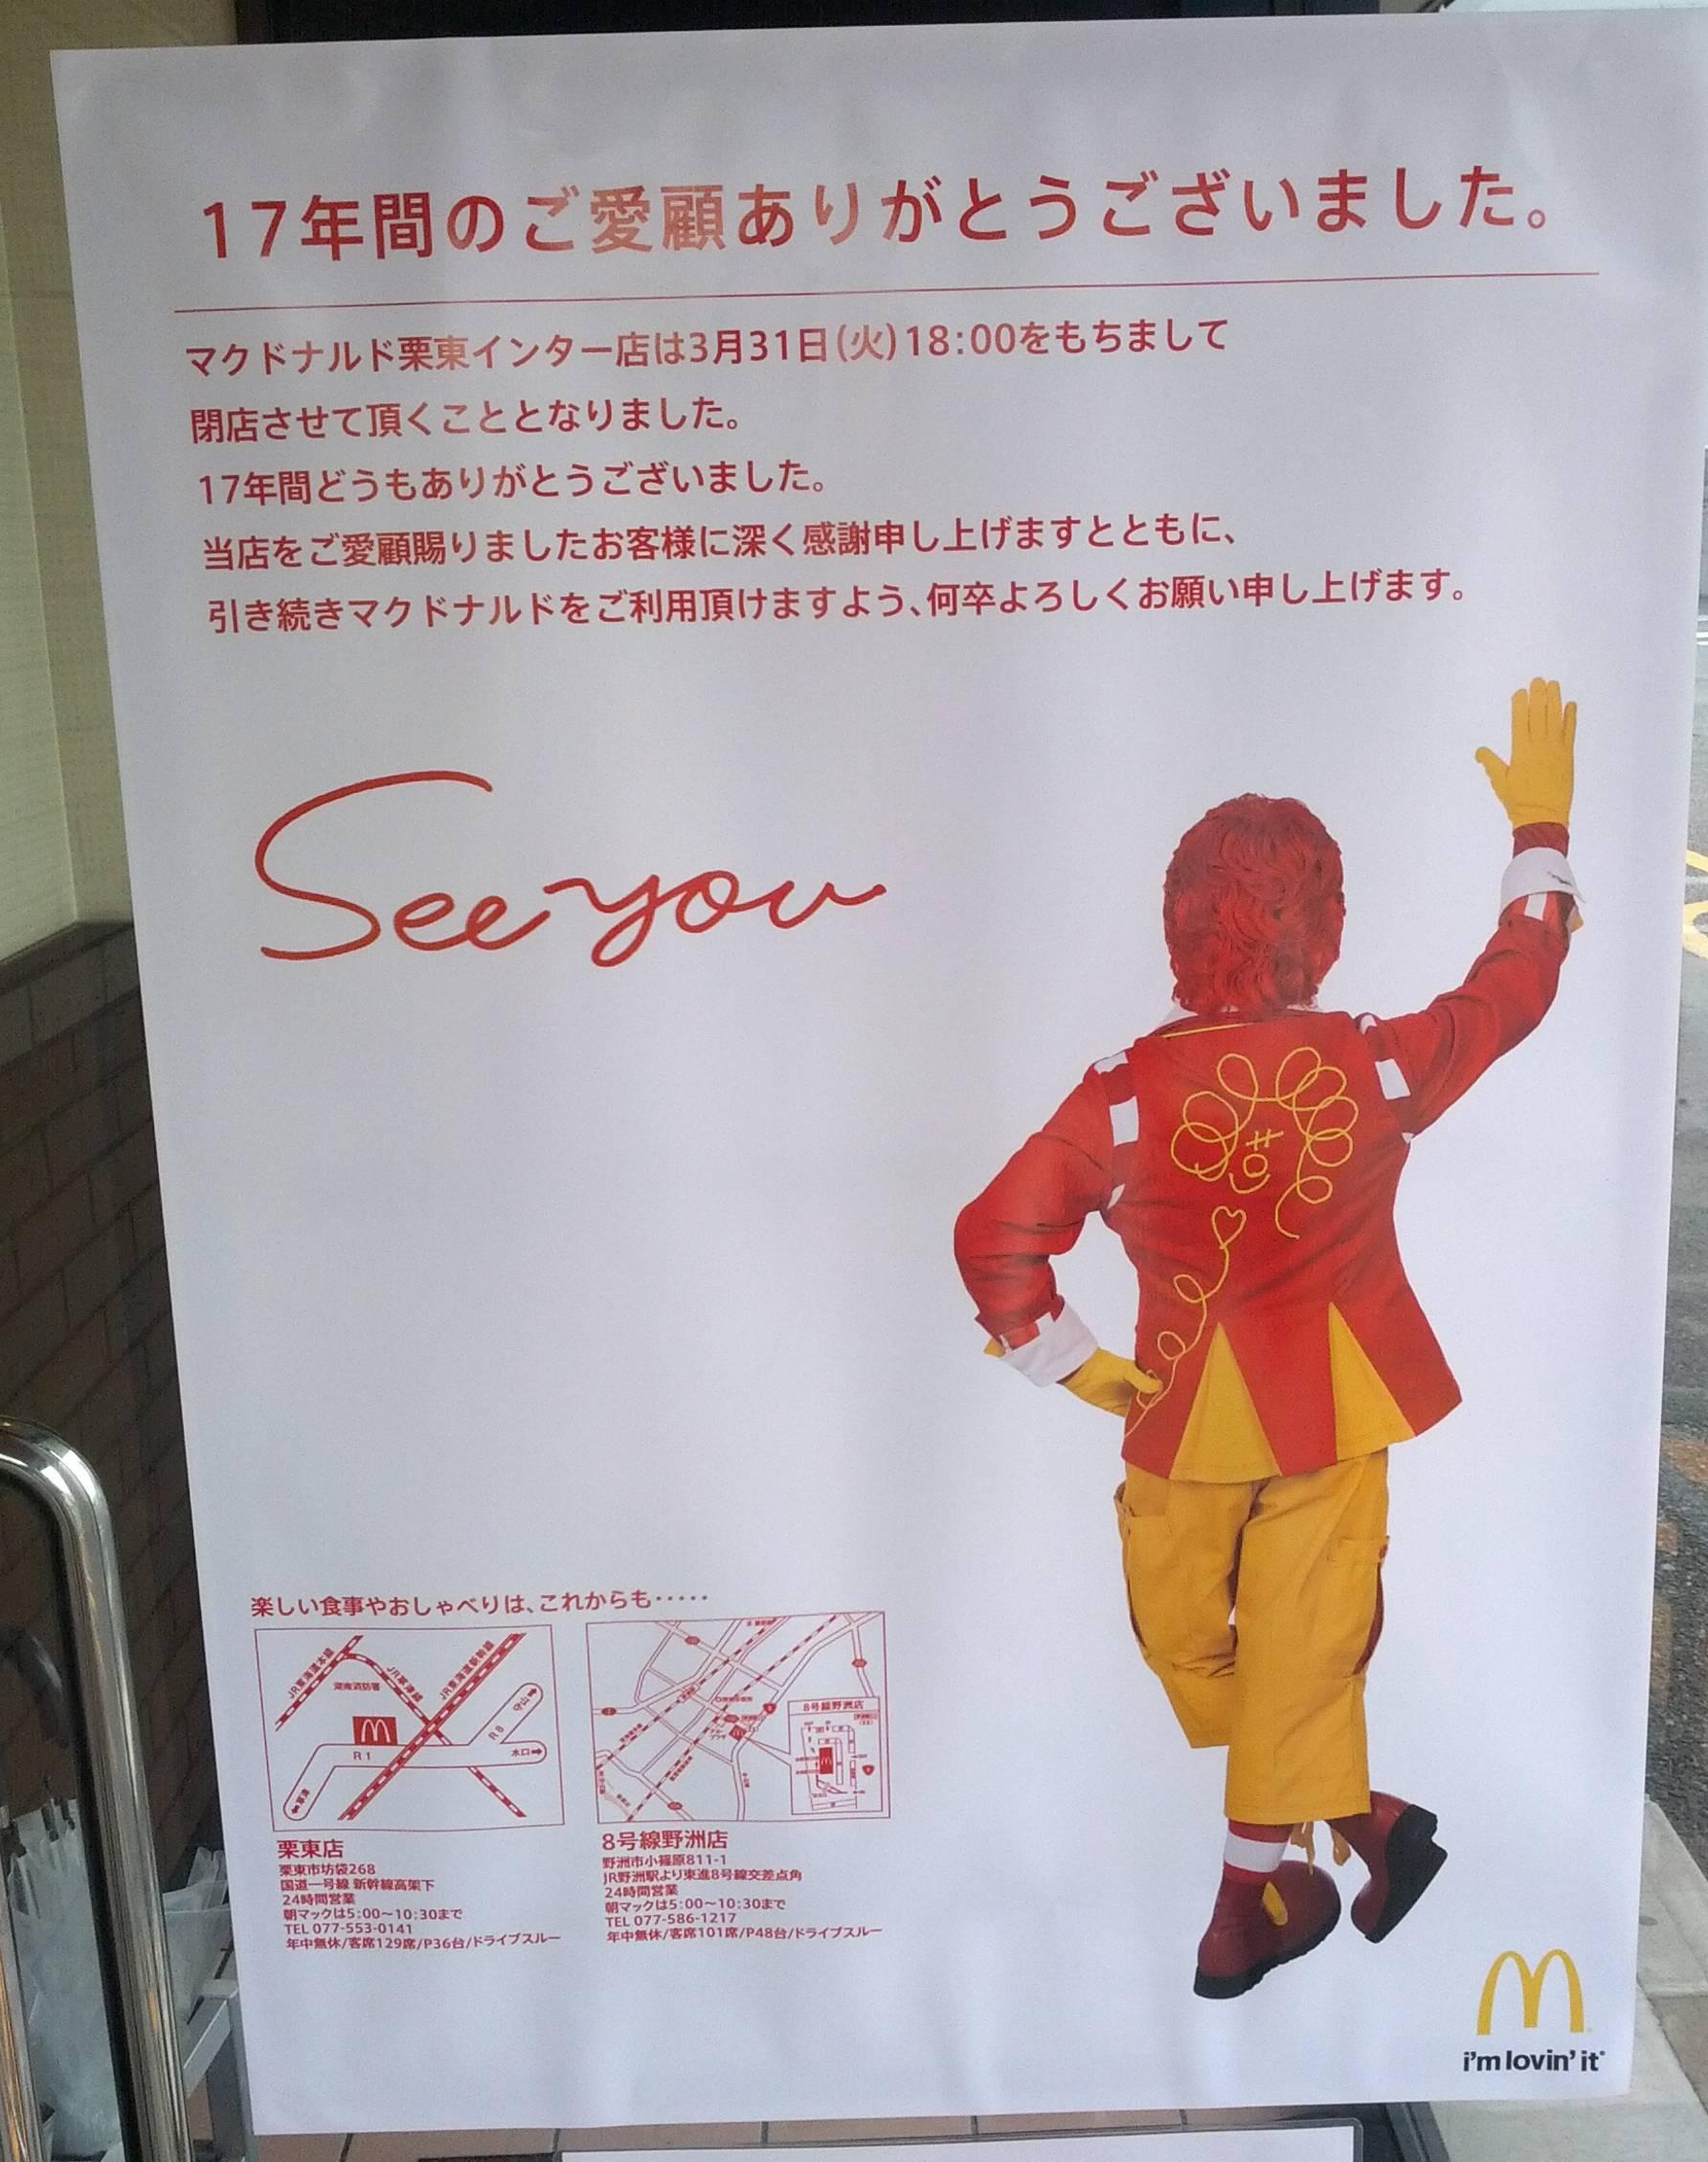 NAVER まとめ【切ない…】マックの閉店ポスターが、なんだかぐっと来る